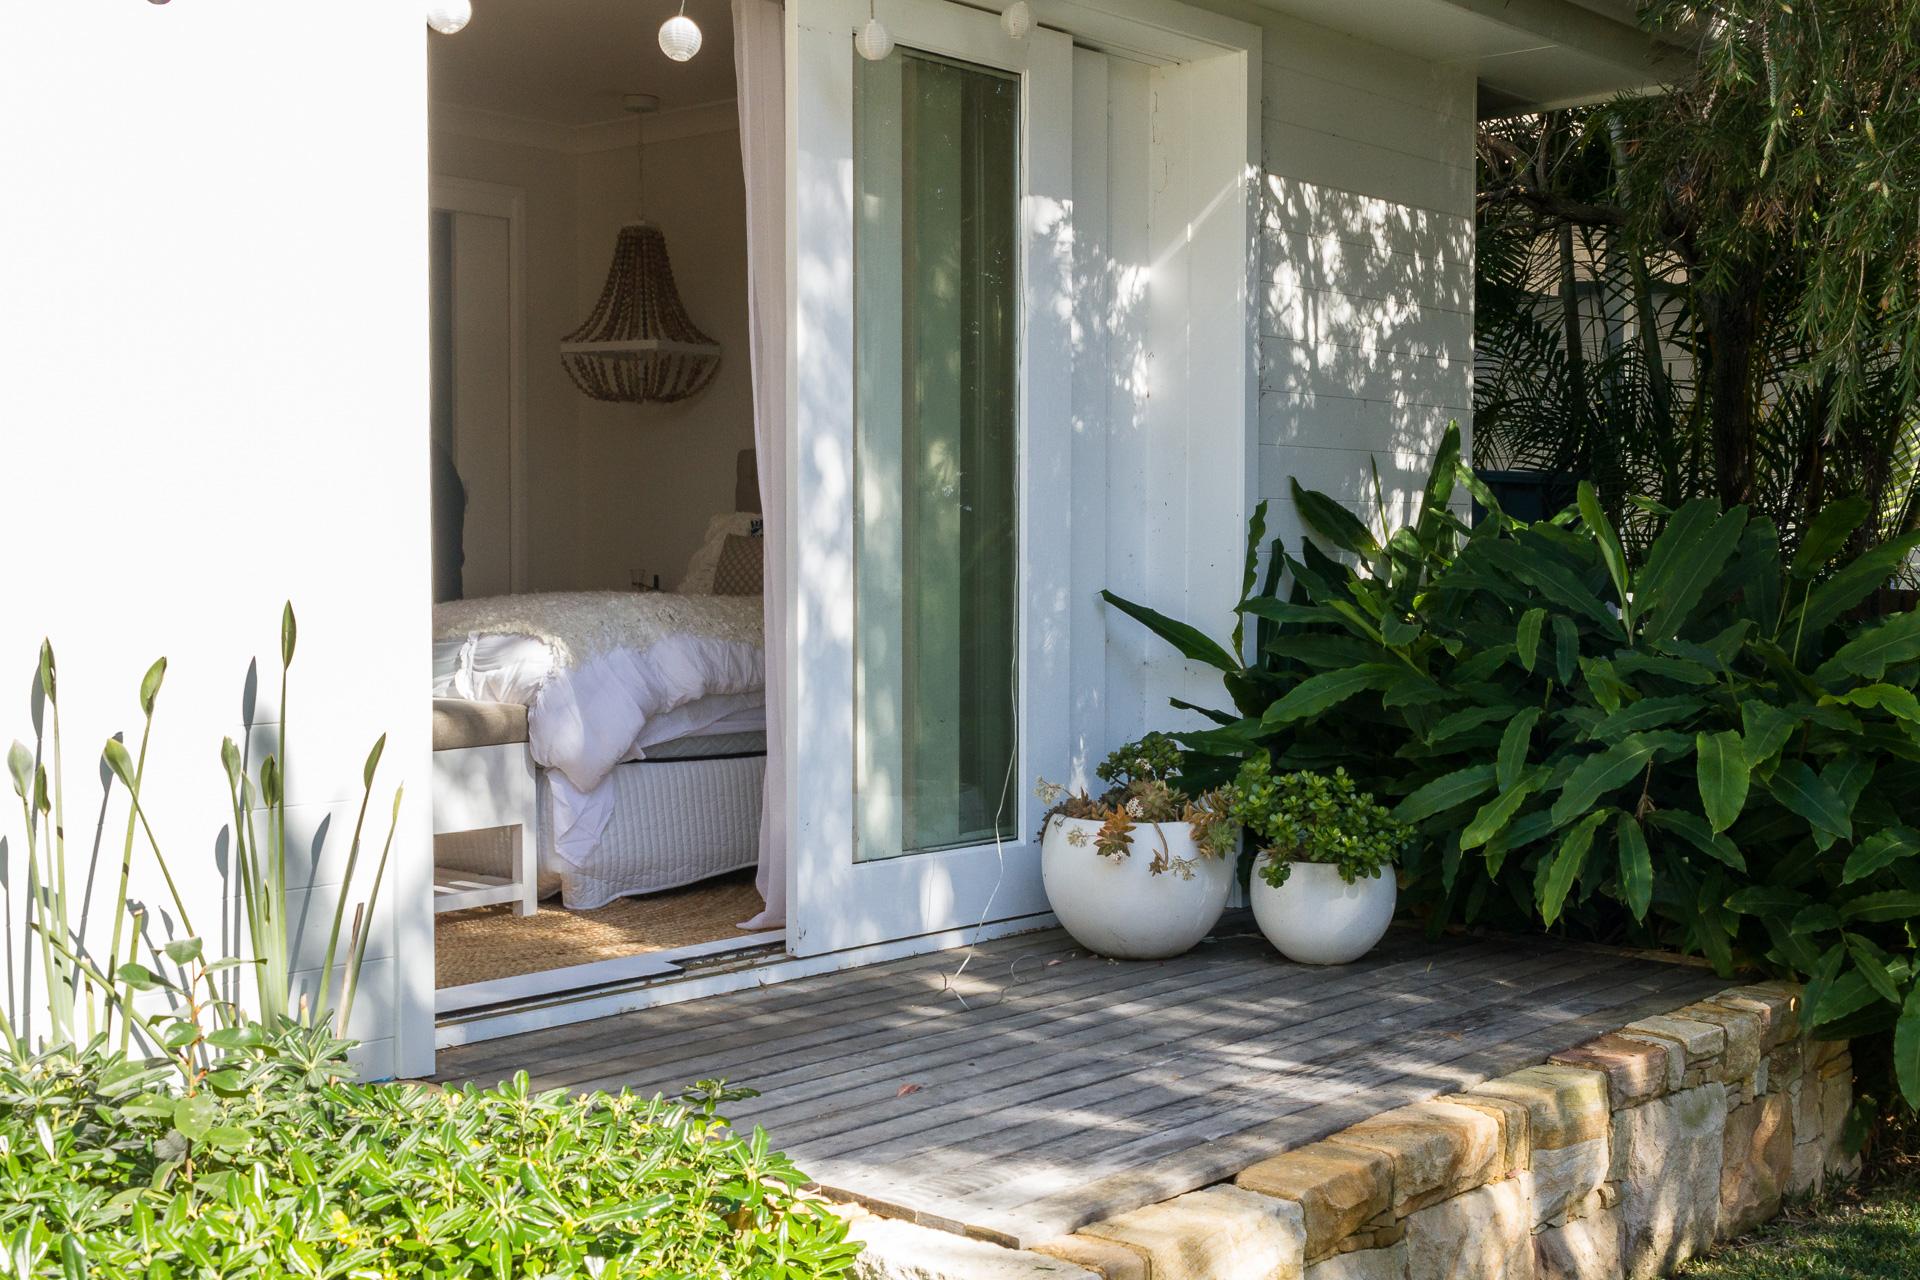 cronulla_residential_garden_design 16.jpg